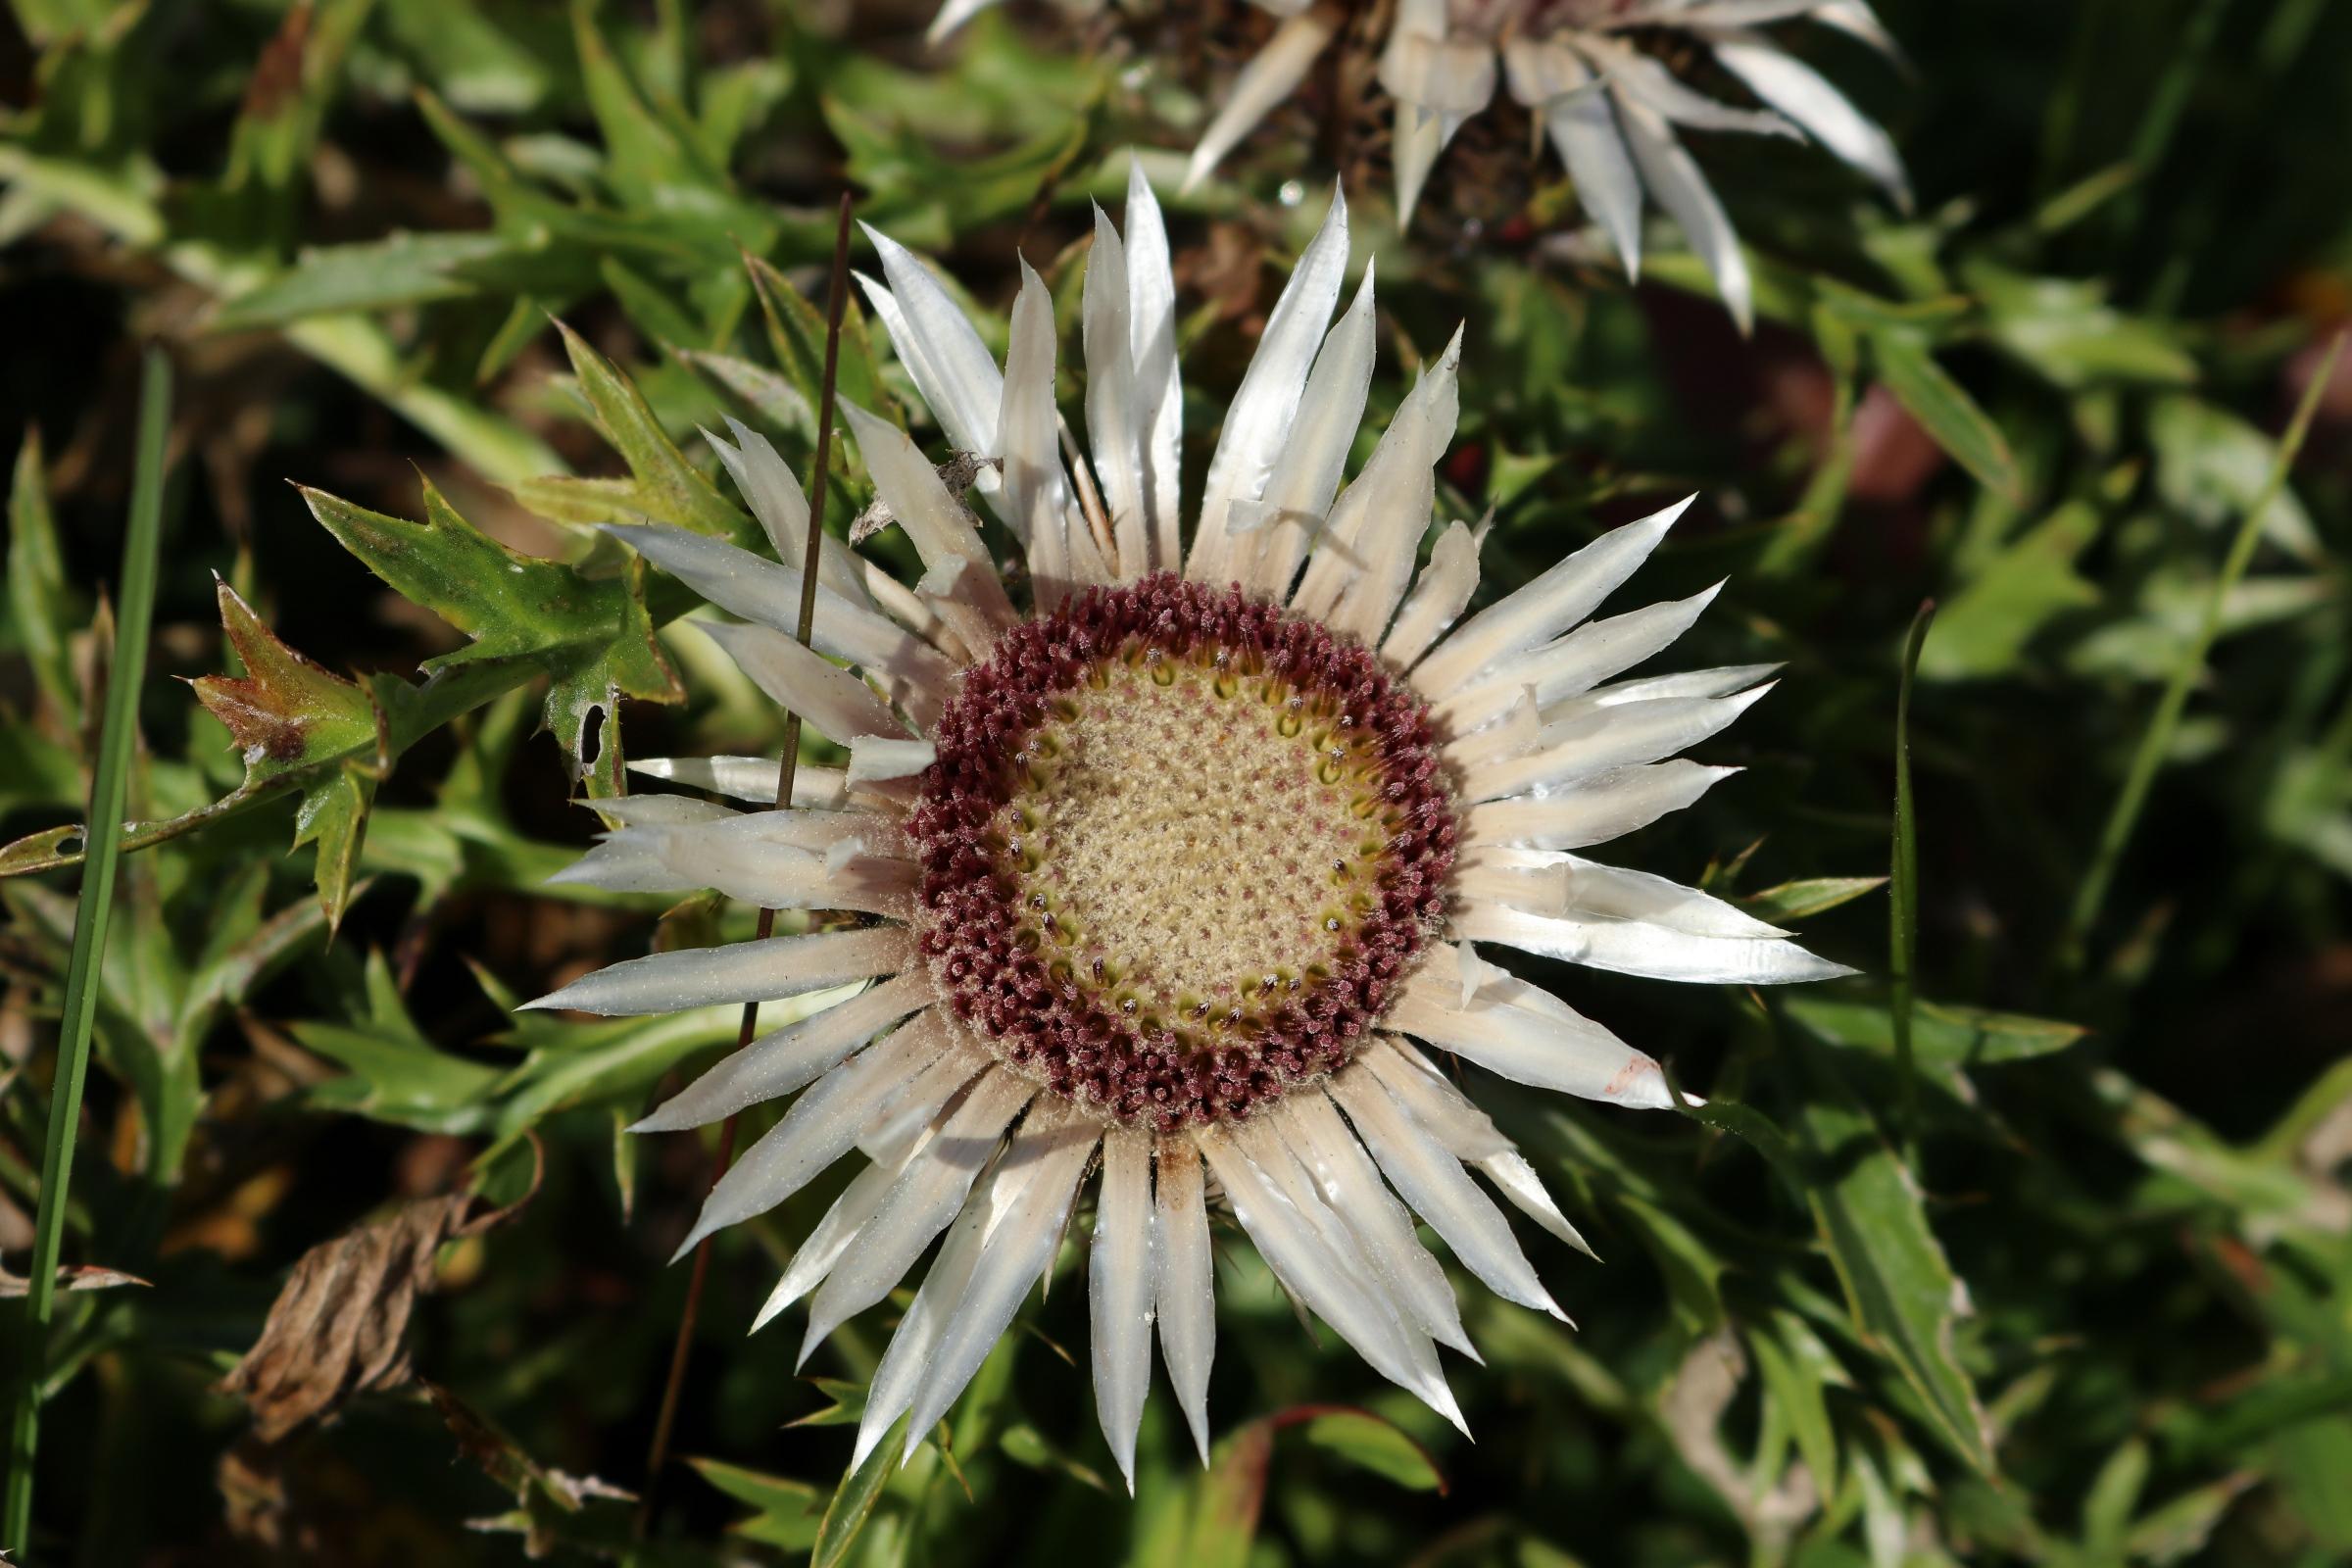 Silberdistel in voller Blüte - die Mitte der Blüte ist weiß gefärbt und von einem Ring von rosa Blüten umgeben